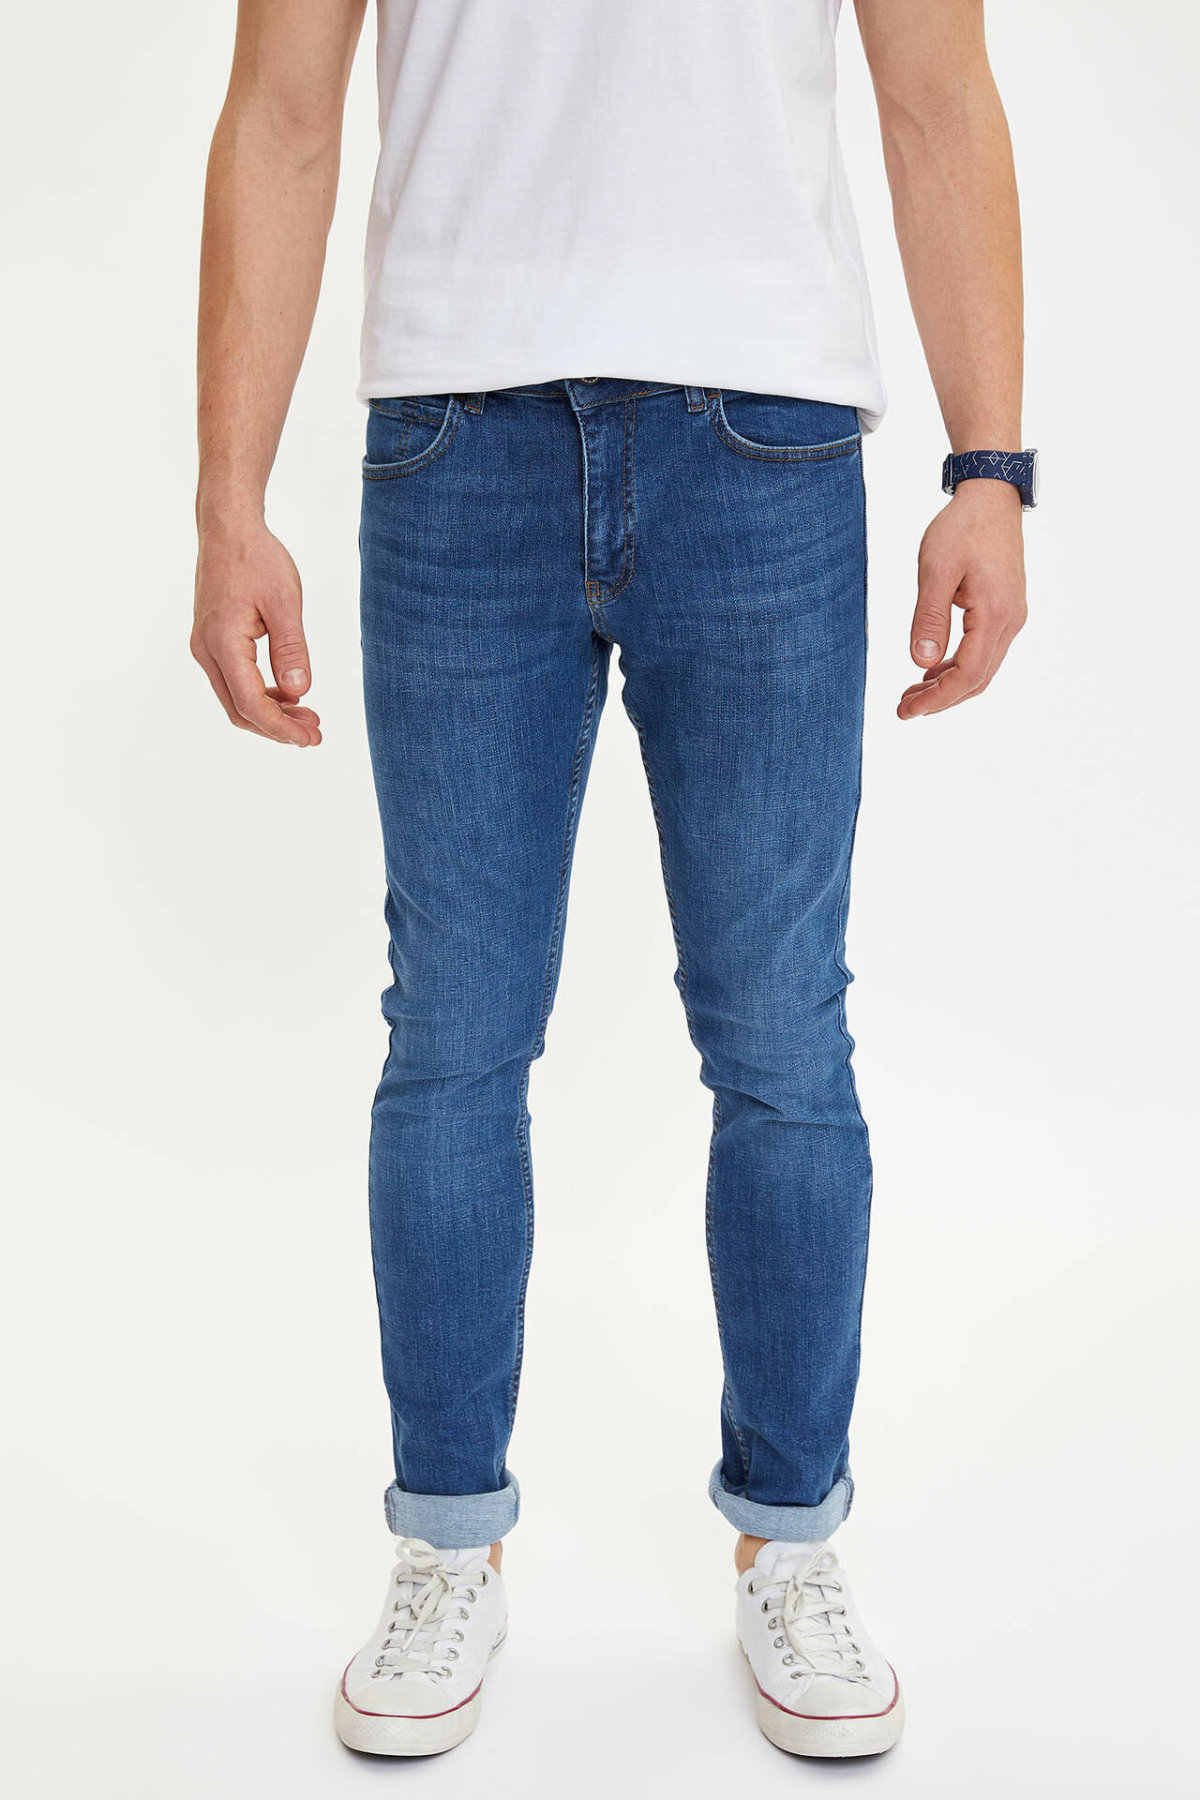 DeFacto męskie dżinsy wiosenne męska niebieska w stylu Casual Denim dna męskie dopasowane dopasowane dżinsy męskie Trousers-M7290AZ20SP